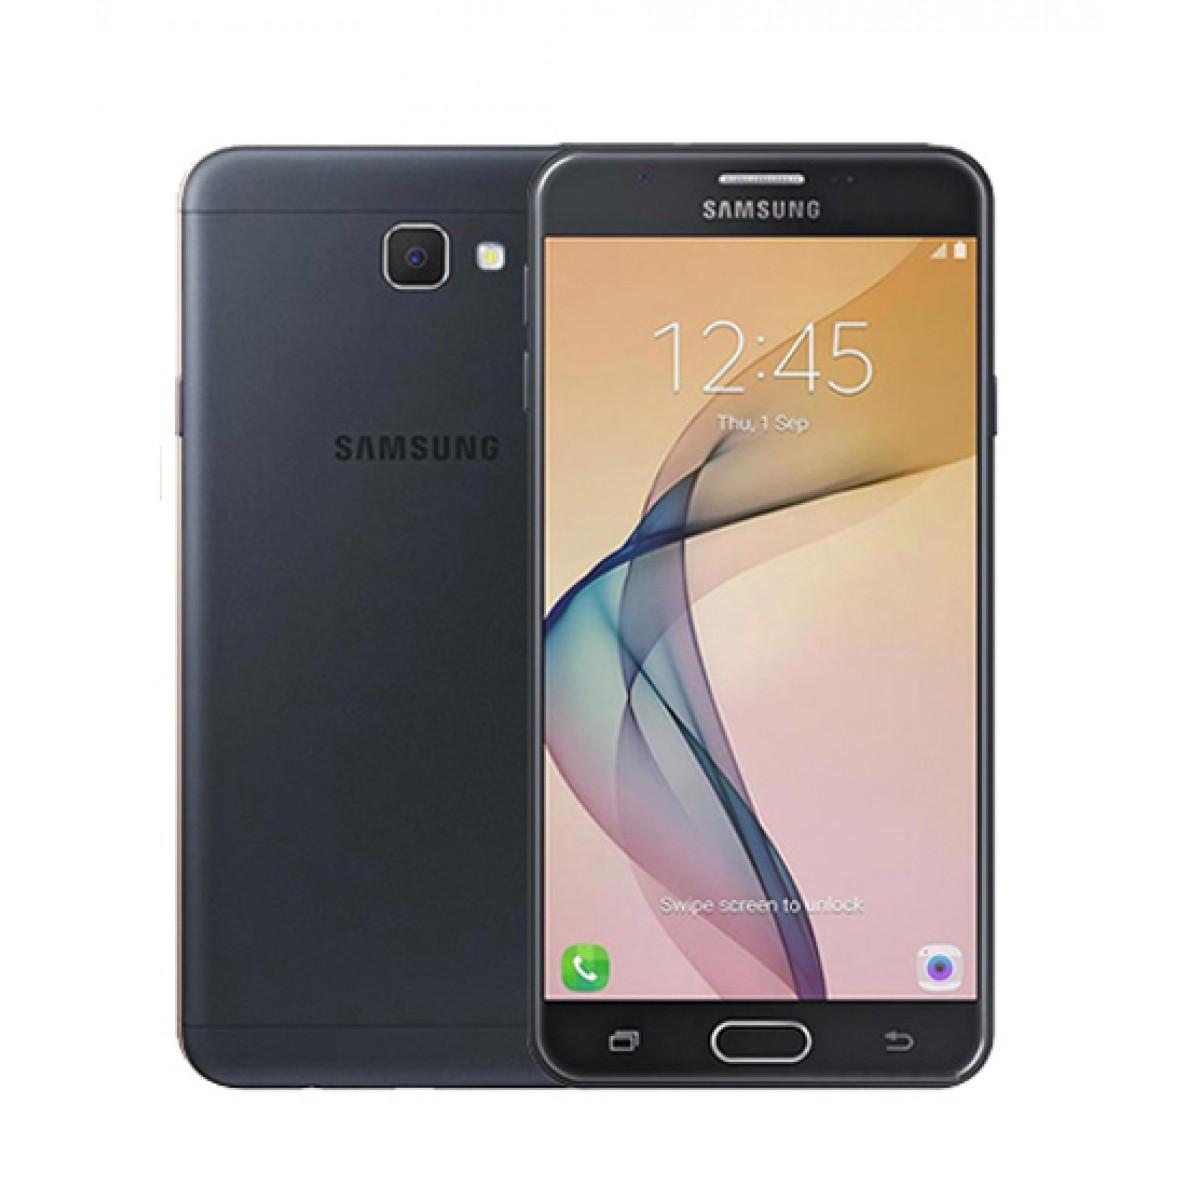 Samsung Galaxy J7 Prime สินค้าศูนย์รับประกัน 1 ปี ราคาพิเศษสุด